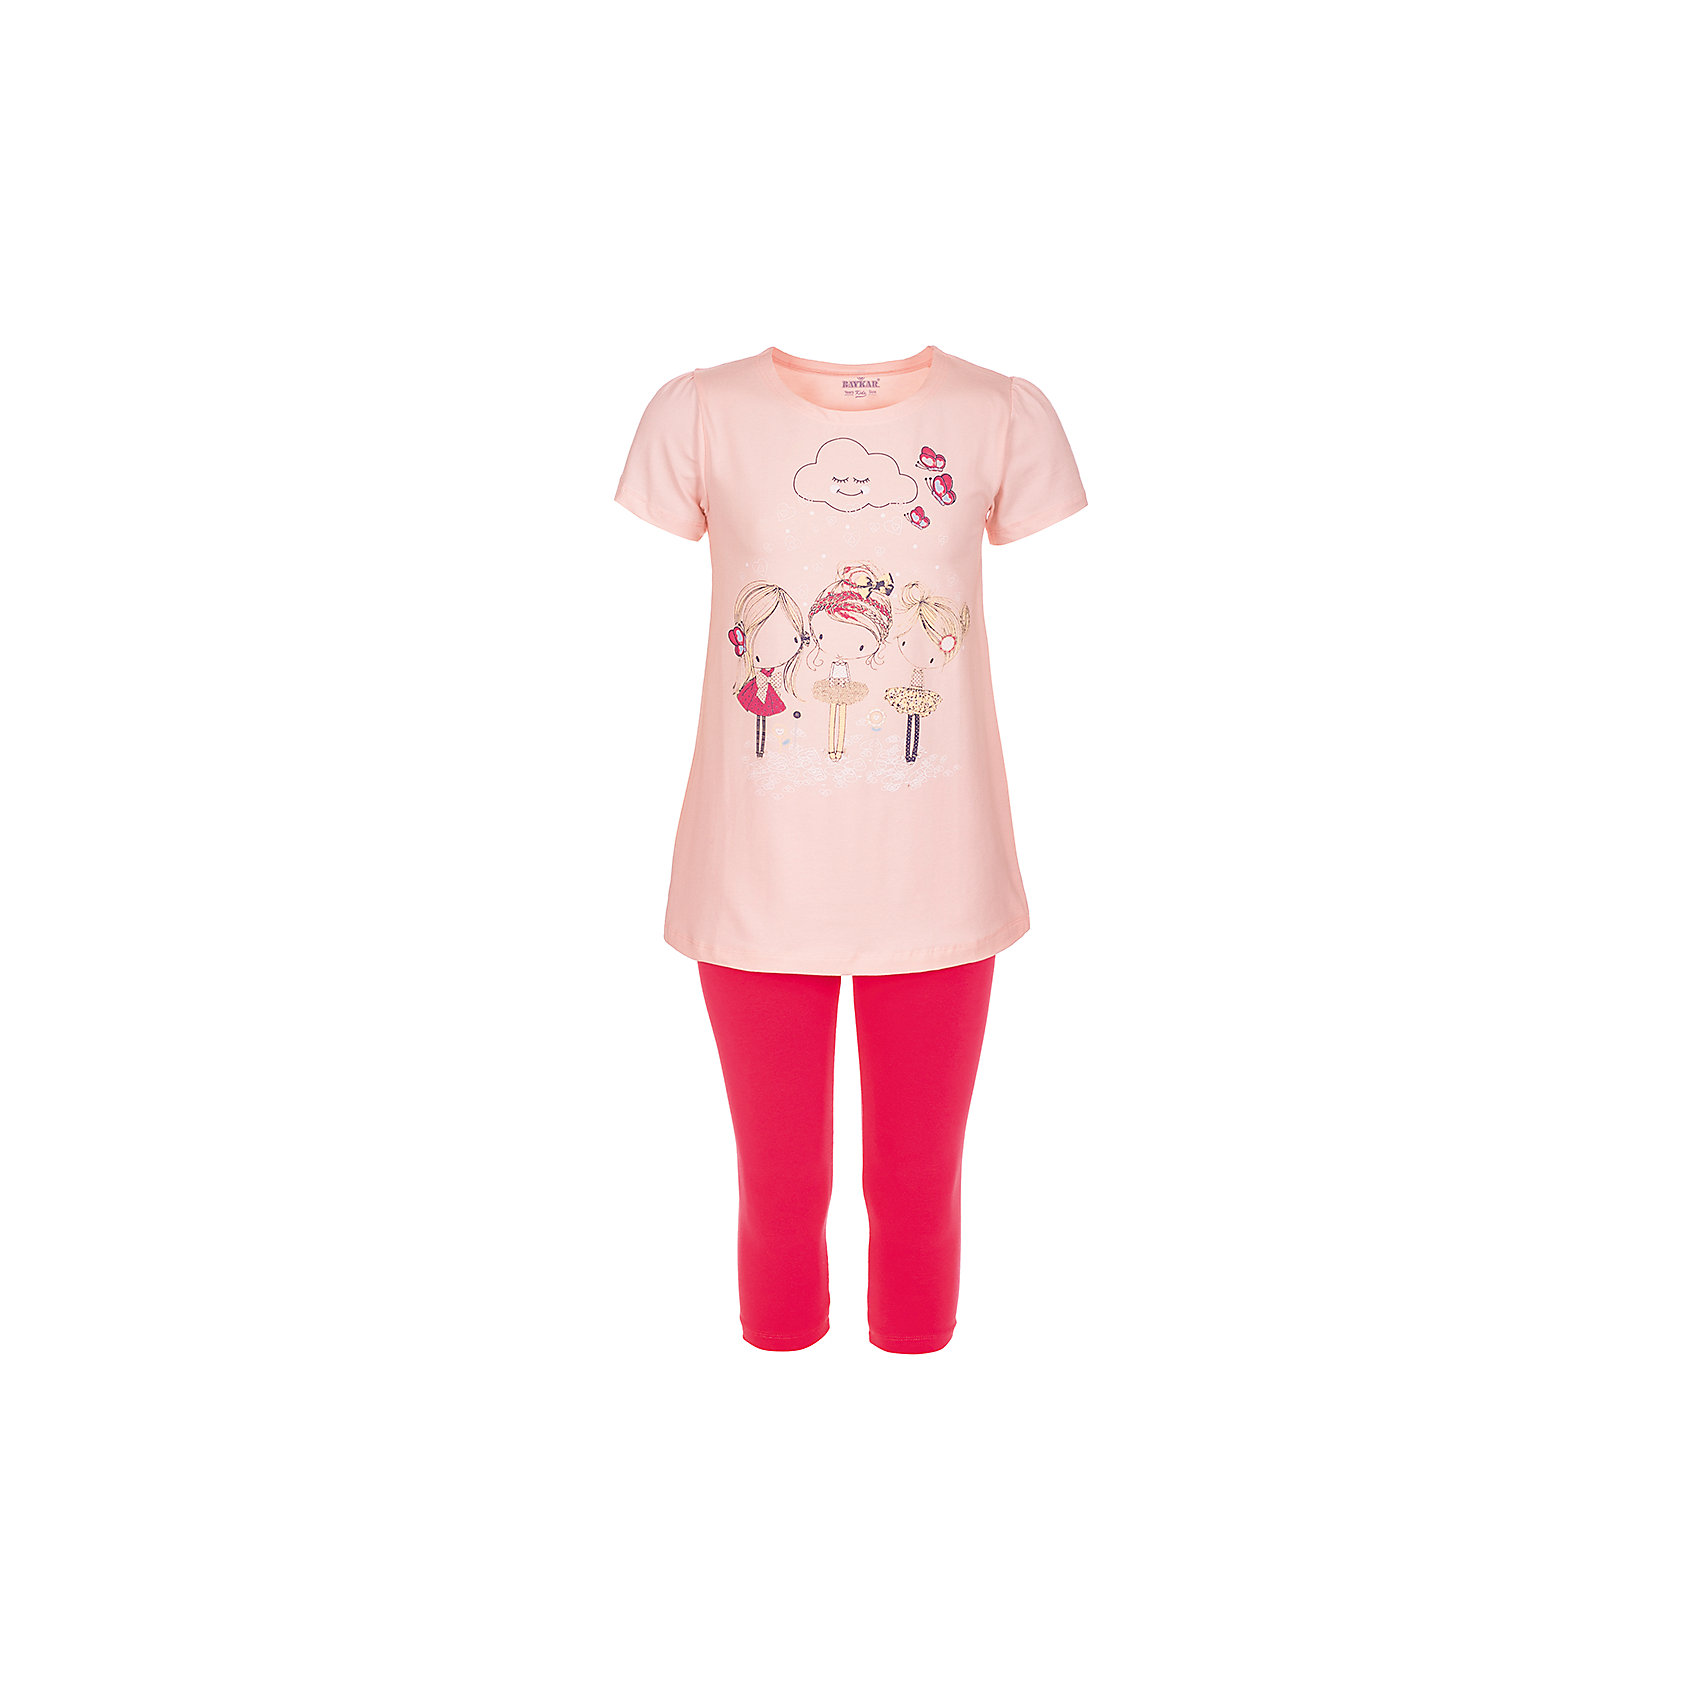 Пижама для девочки BaykarПижамы и сорочки<br>Характеристики товара:<br><br>• цвет: розовый<br>• состав ткани: 95% хлопок; 5% эластан<br>• комплектация: футболка, шорты<br>• пояс шорт: резинка<br>• сезон: круглый год<br>• страна бренда: Турция<br>• страна изготовитель: Турция<br><br>Удобная пижама для девочки Baykar украшена симпатичным принтом. Этот комплект для сна из футболки и шорт сделан из мягкого дышащего материала. <br><br>Продуманный крой обеспечивает комфортную посадку. Розовая пижама для девочки позволяет обеспечить комфортный сон.<br><br>Пижаму для девочки Baykar (Байкар) можно купить в нашем интернет-магазине.<br><br>Ширина мм: 281<br>Глубина мм: 70<br>Высота мм: 188<br>Вес г: 295<br>Цвет: розовый<br>Возраст от месяцев: 120<br>Возраст до месяцев: 132<br>Пол: Женский<br>Возраст: Детский<br>Размер: 140/146,122/128,128/134,134/140<br>SKU: 6764857